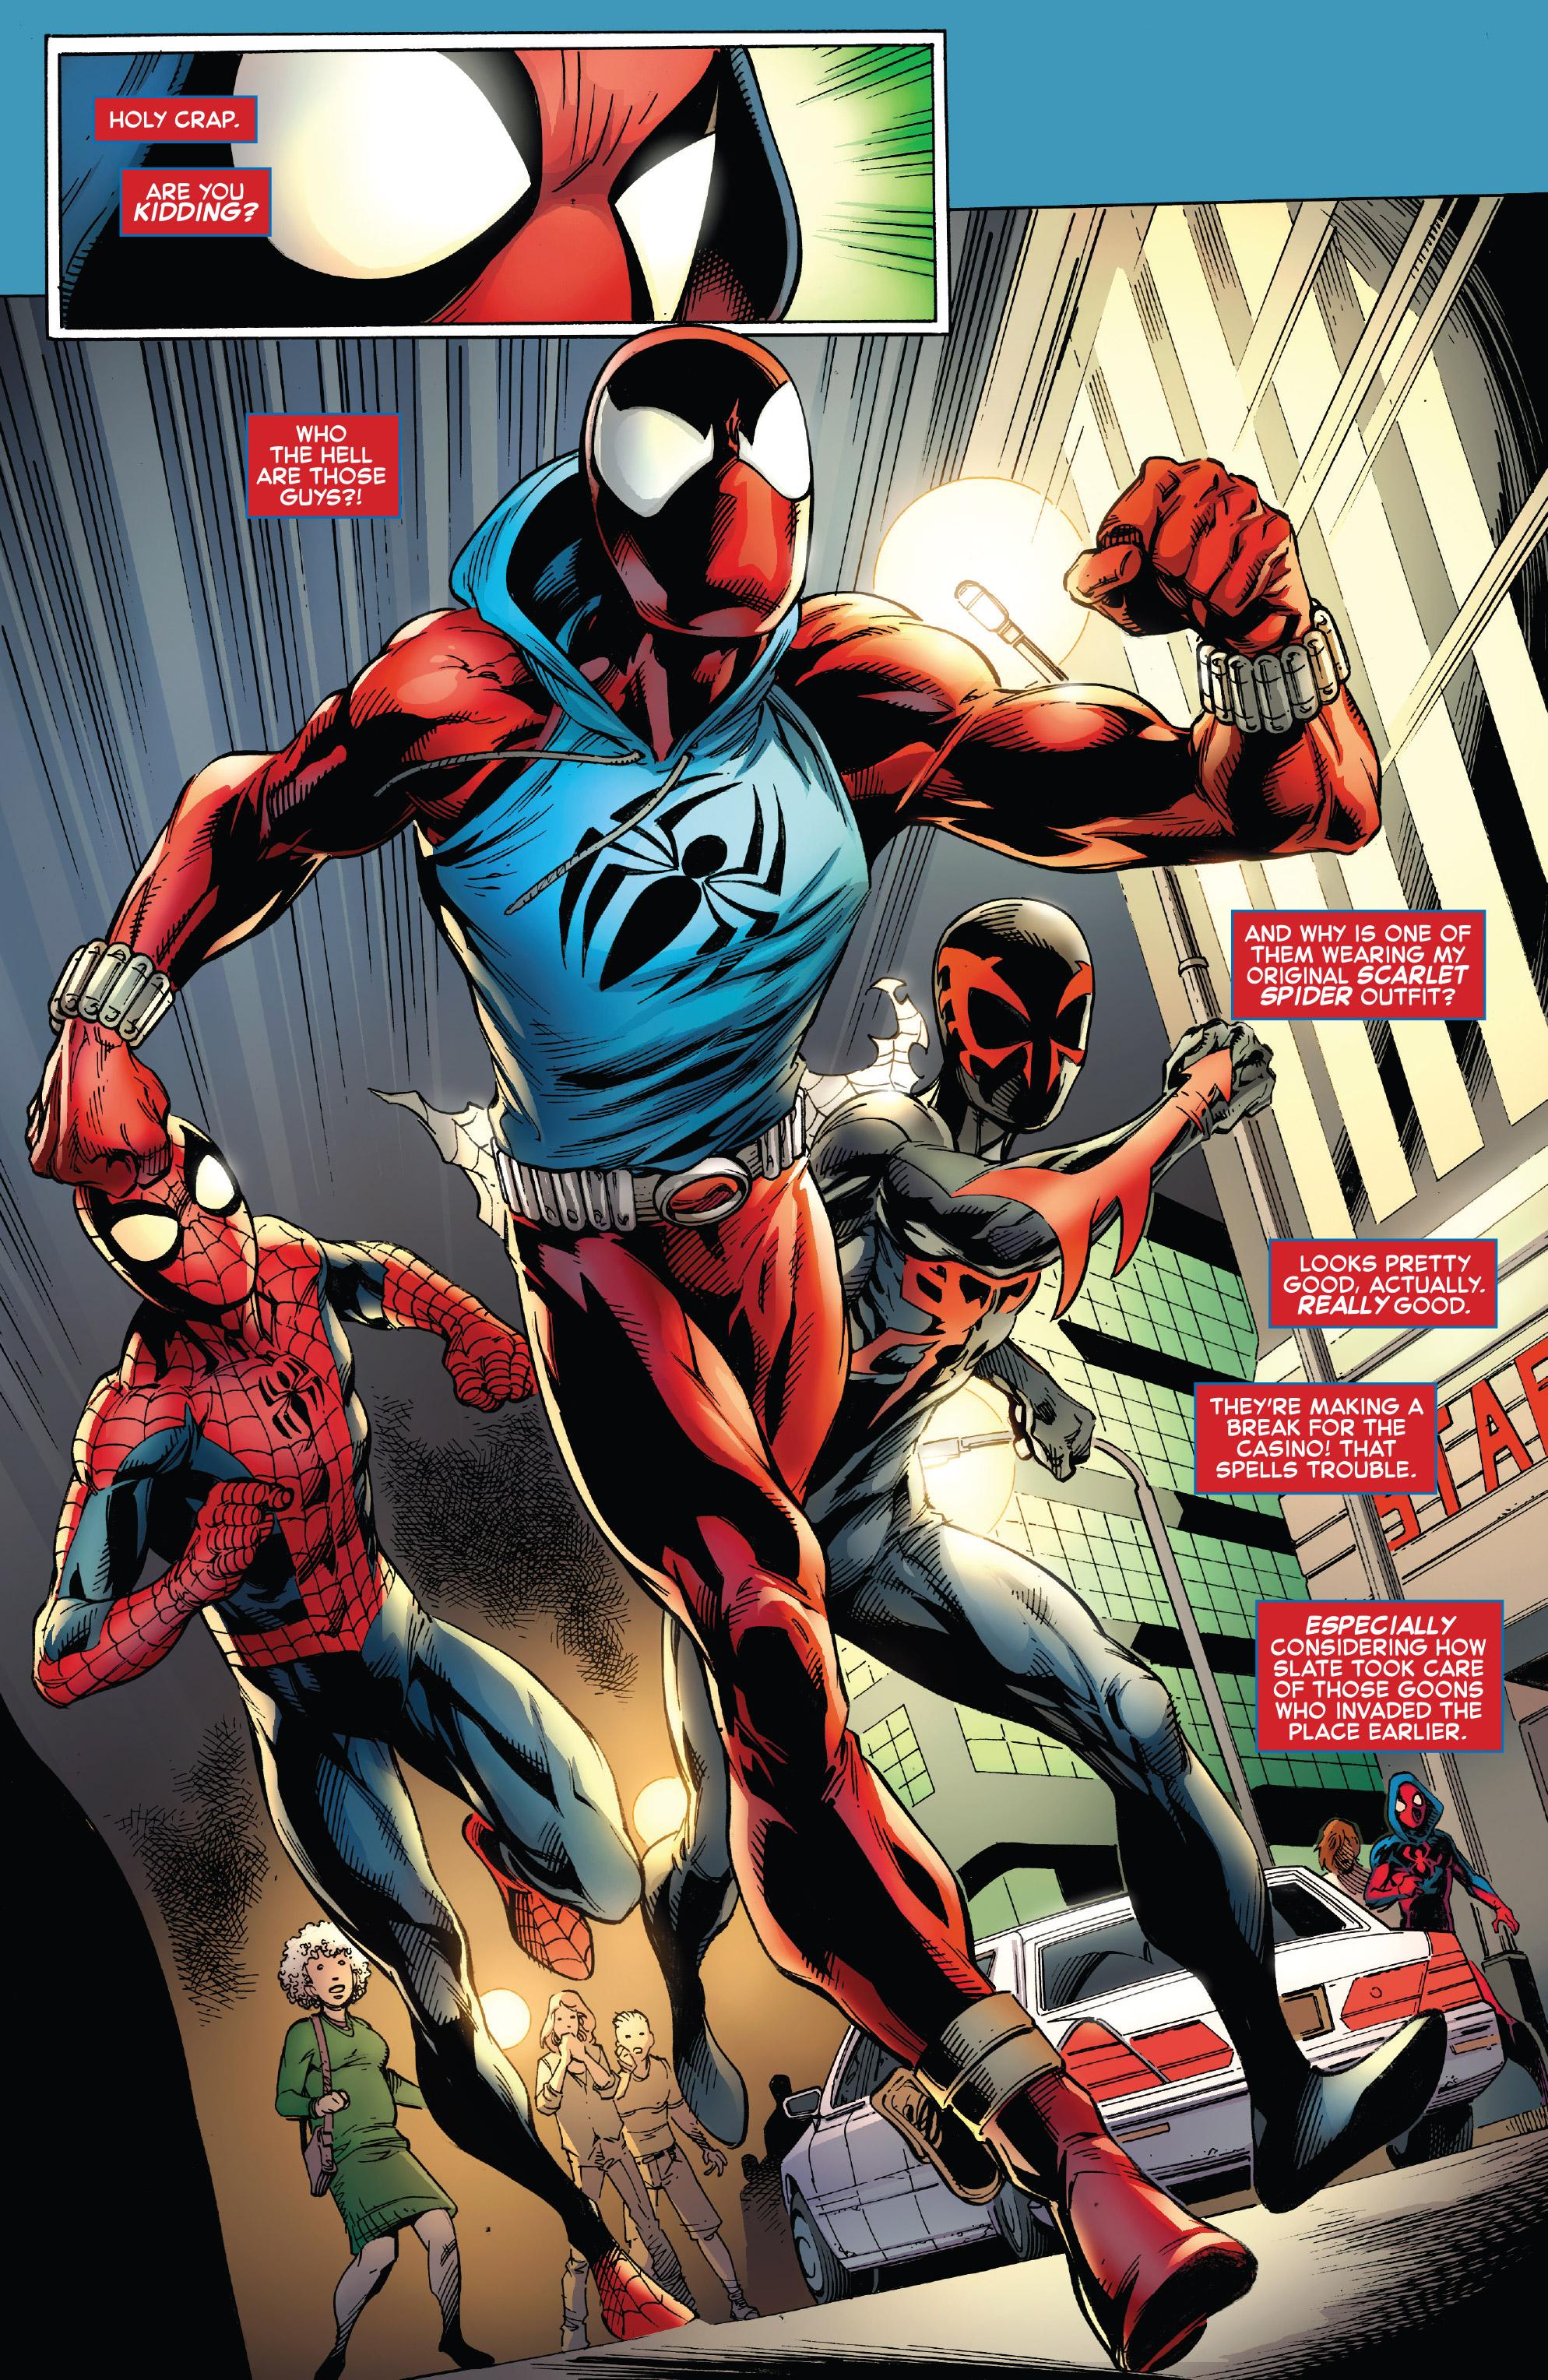 Read online Ben Reilly: Scarlet Spider comic -  Issue #3 - 12